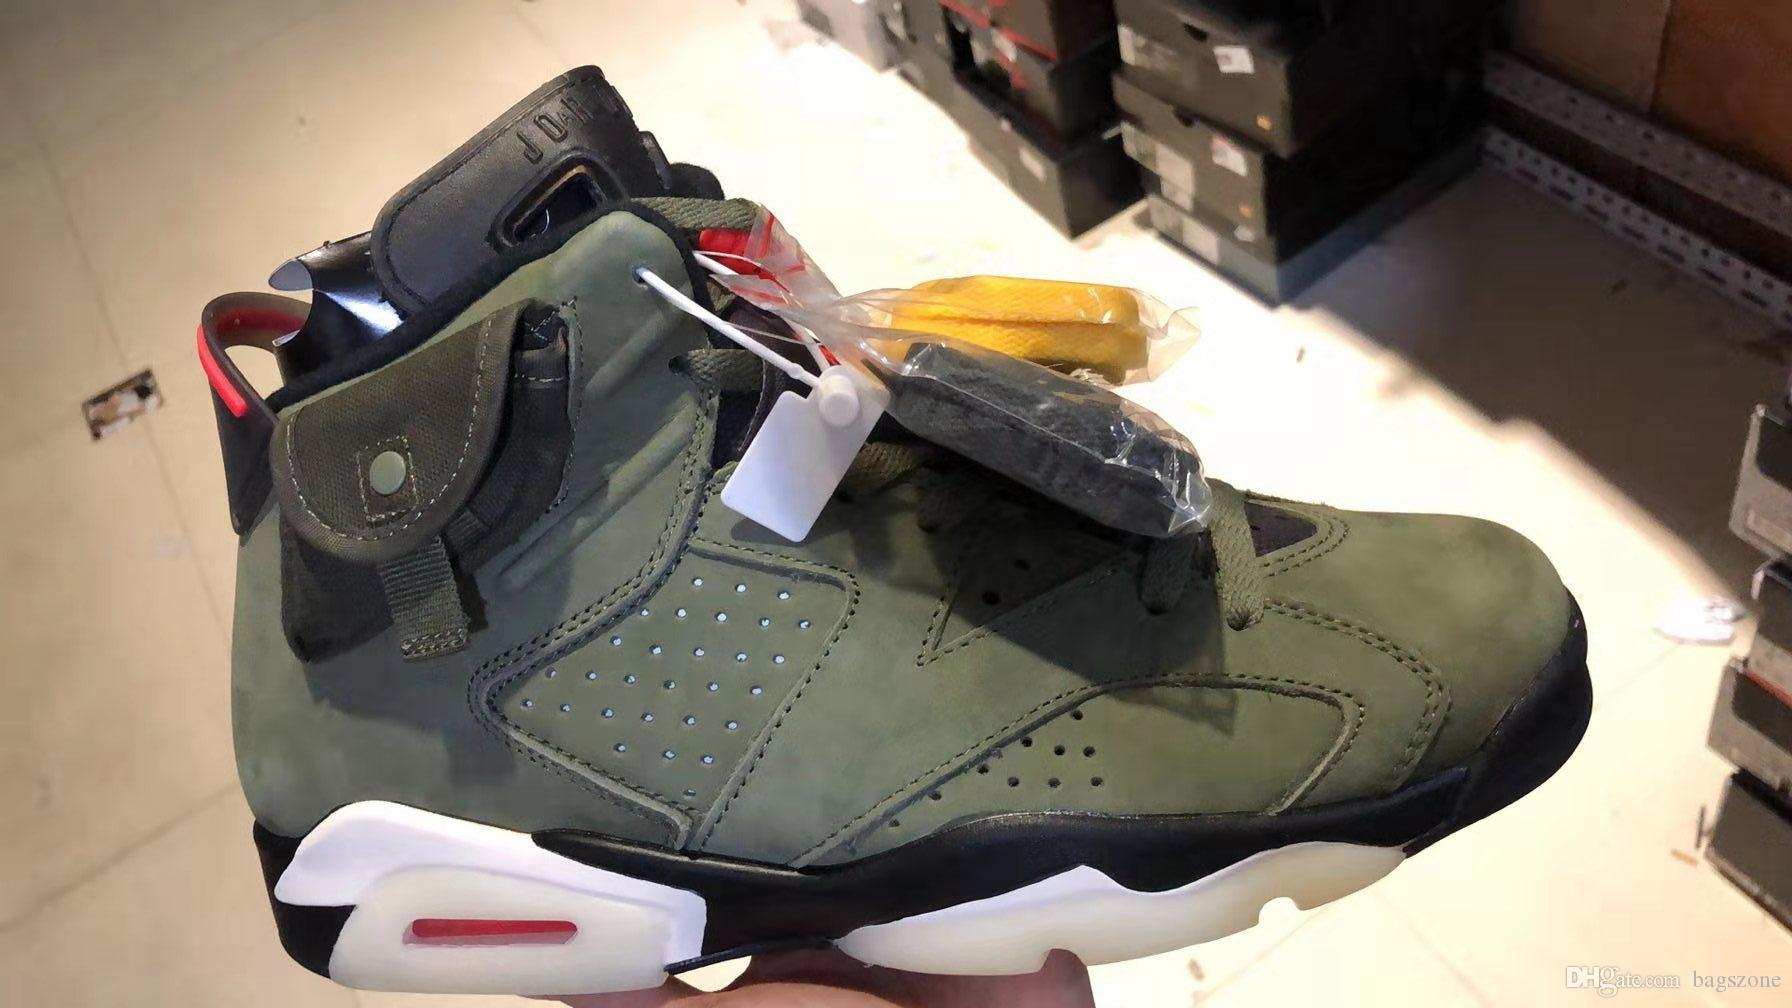 Высокое качество Трэвис Скоттс x 6 баскетбольная обувь кактус Джек 6s Трэвис низкая армия зеленый Тинкер scarpe des Chaussures zapatos скидка